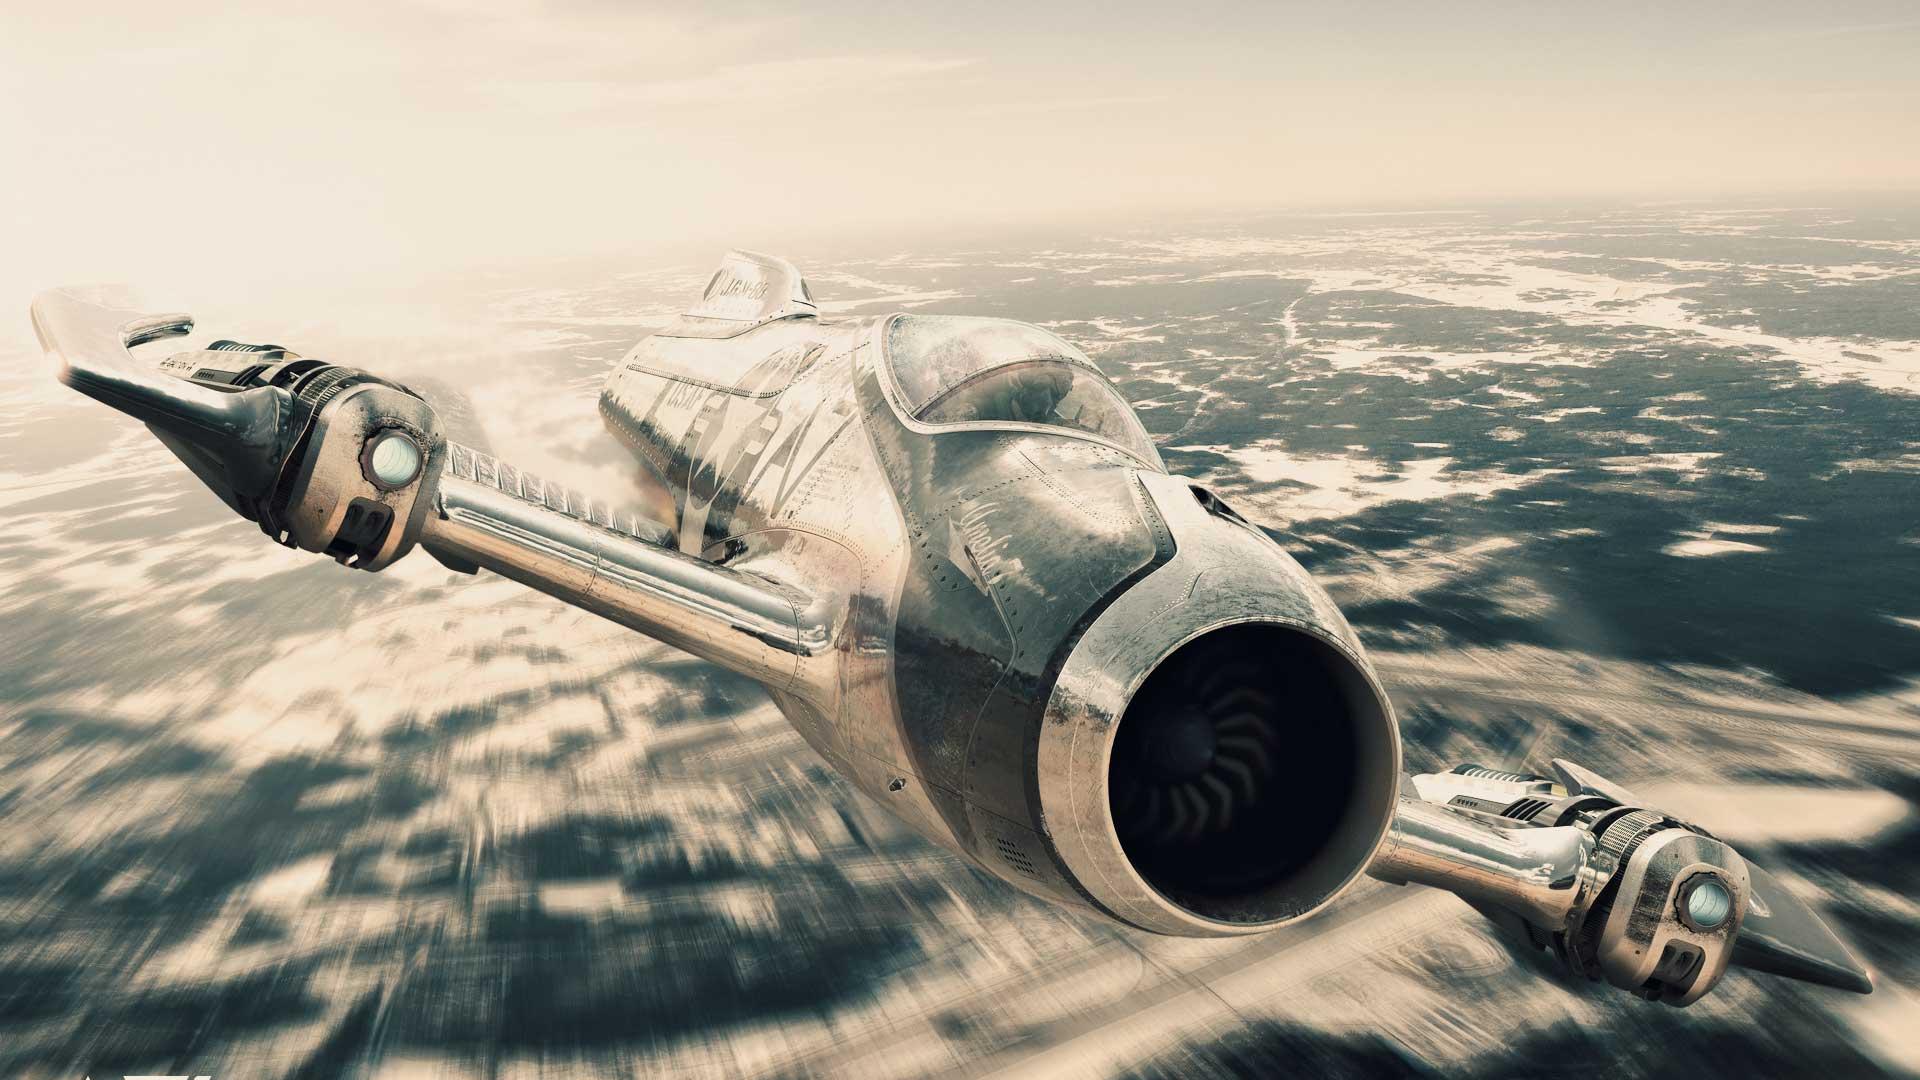 Un joven argentino inventa un avión 5 veces más rápido que el sonido